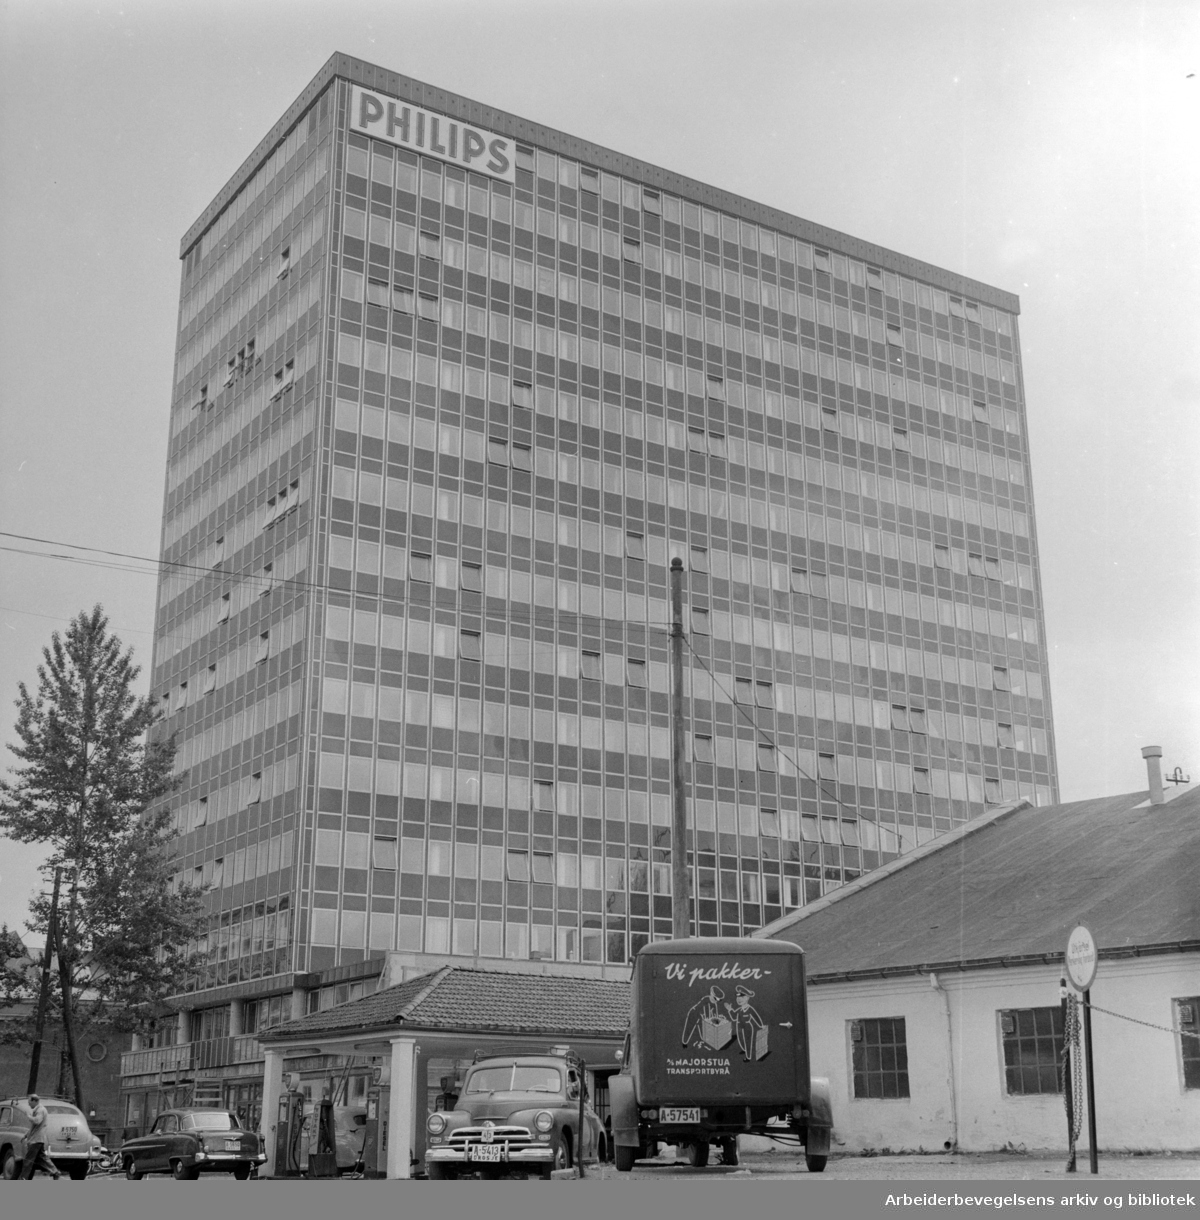 Sørkedalsveien. Elementbygg på Majorstua. Phillipsbygget. Juni 1958